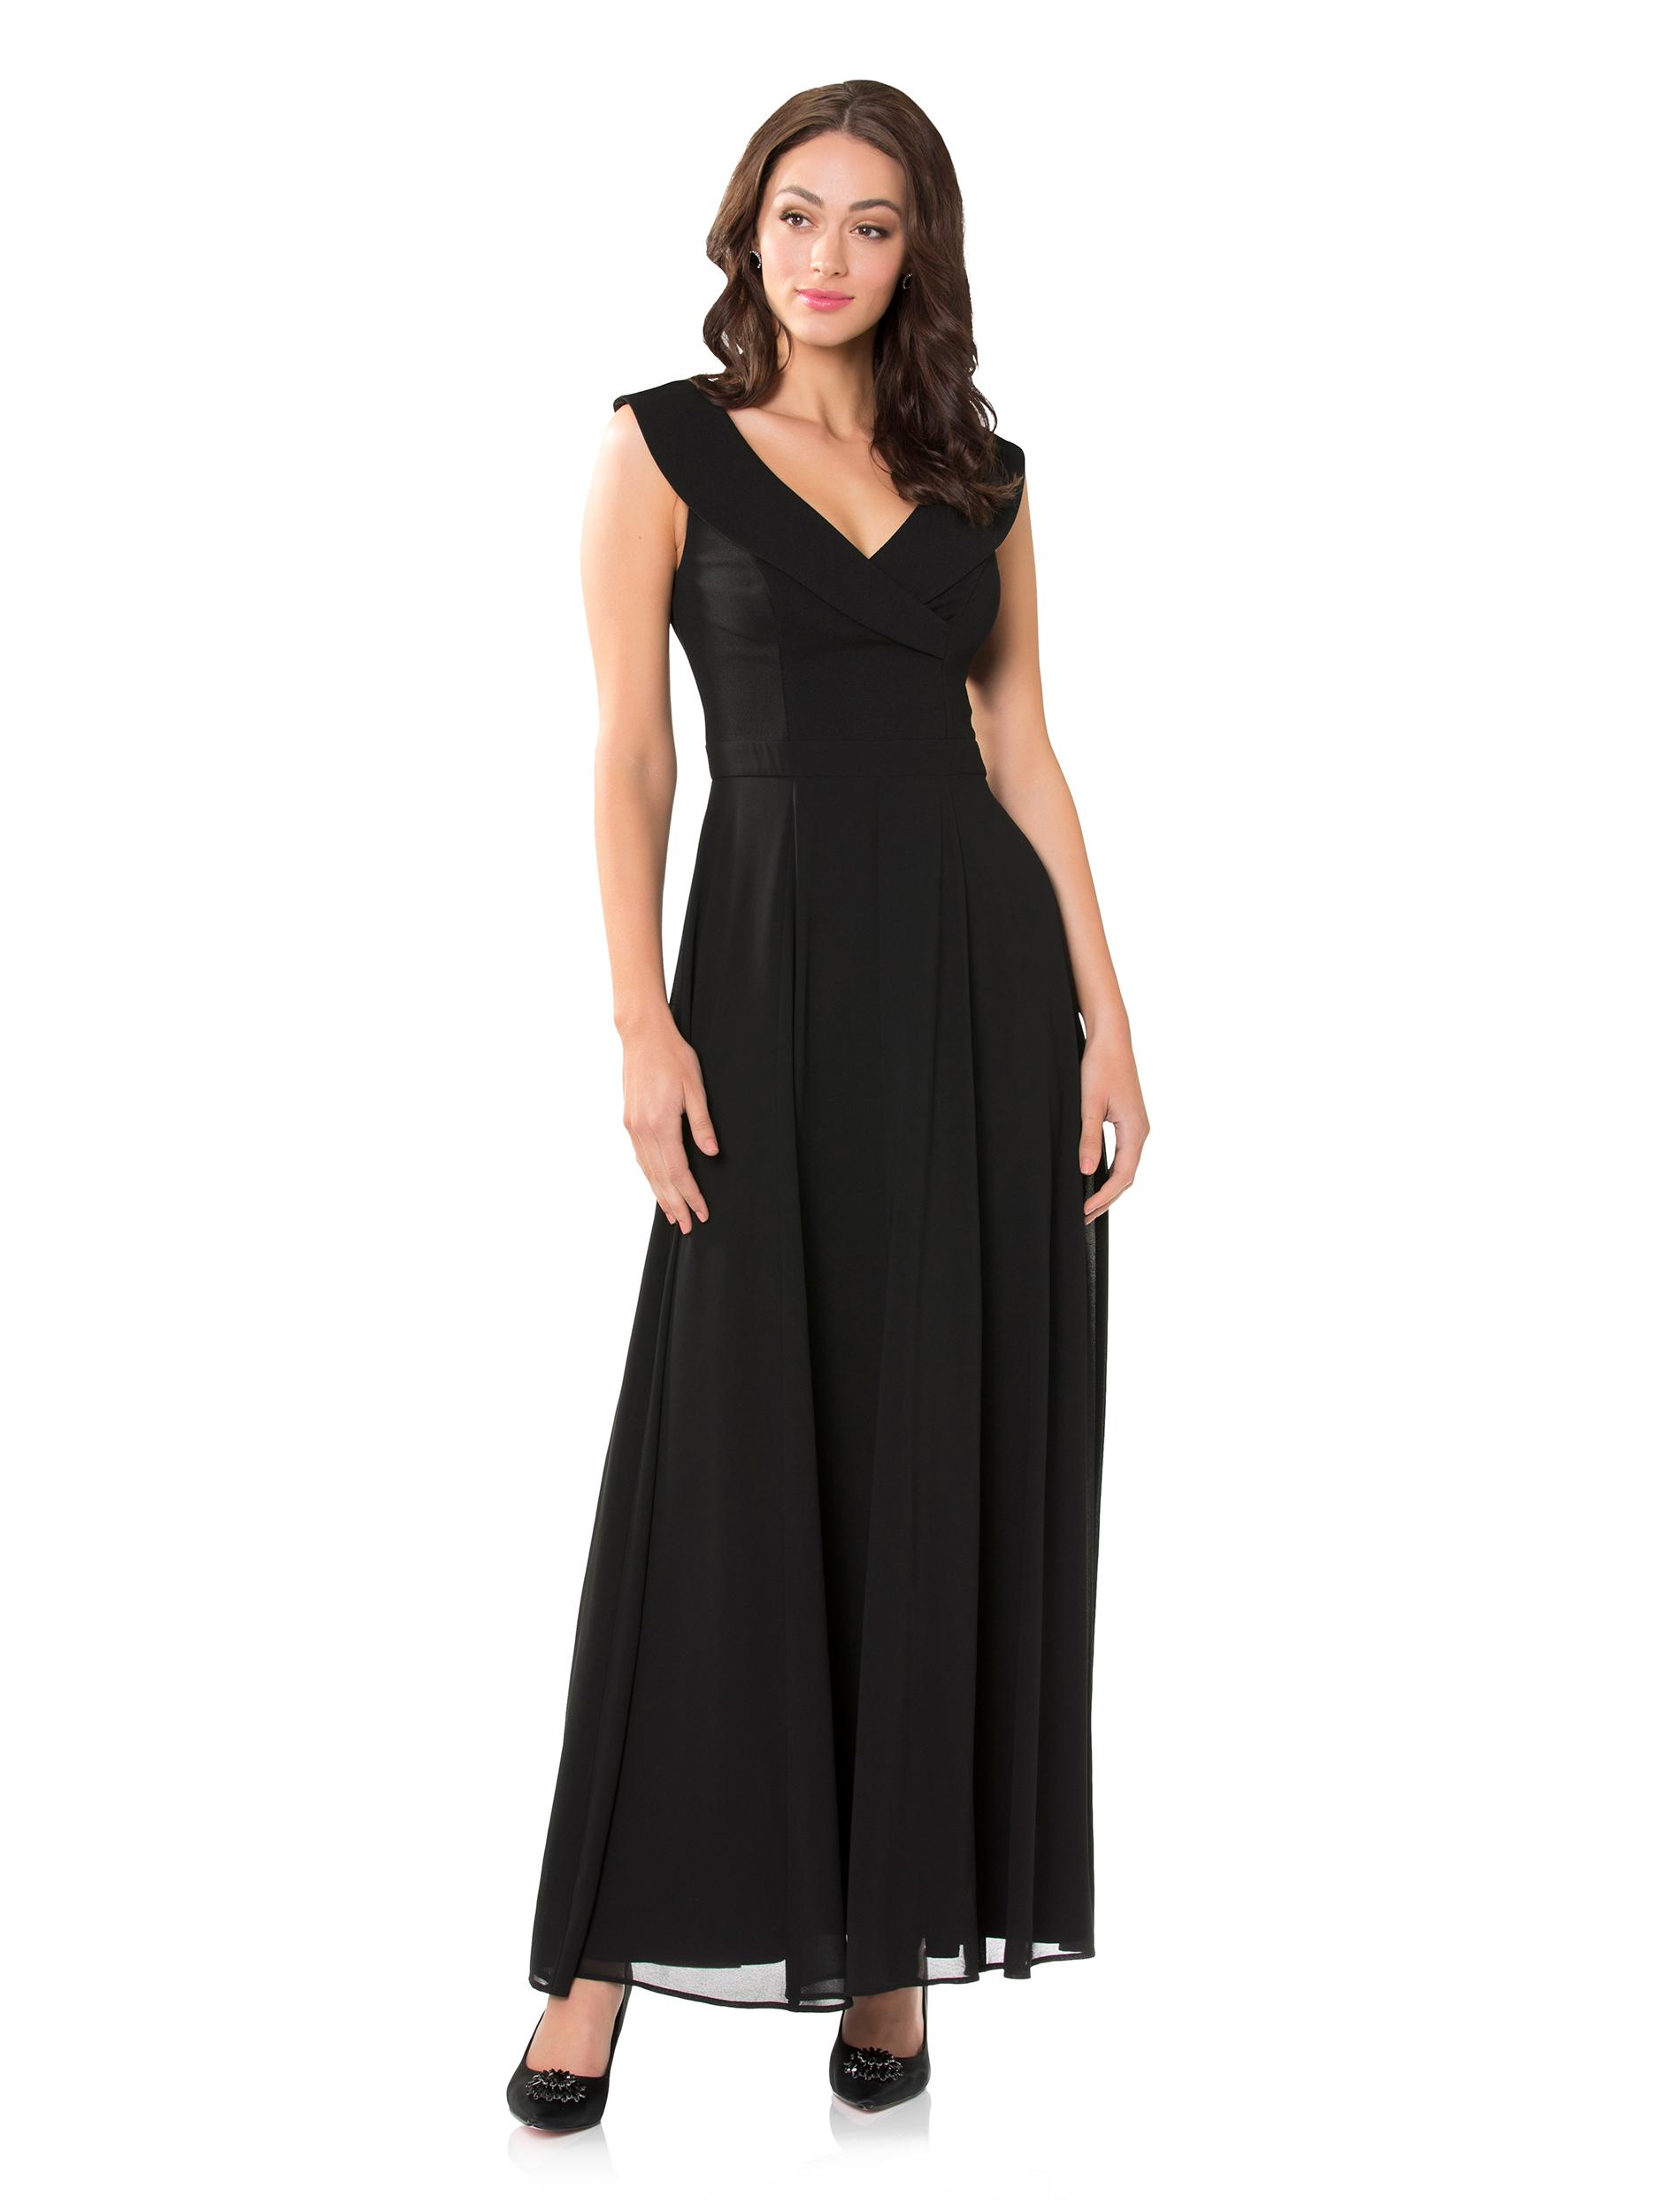 Valley Of Dreams Maxi Dress  e125a5b73